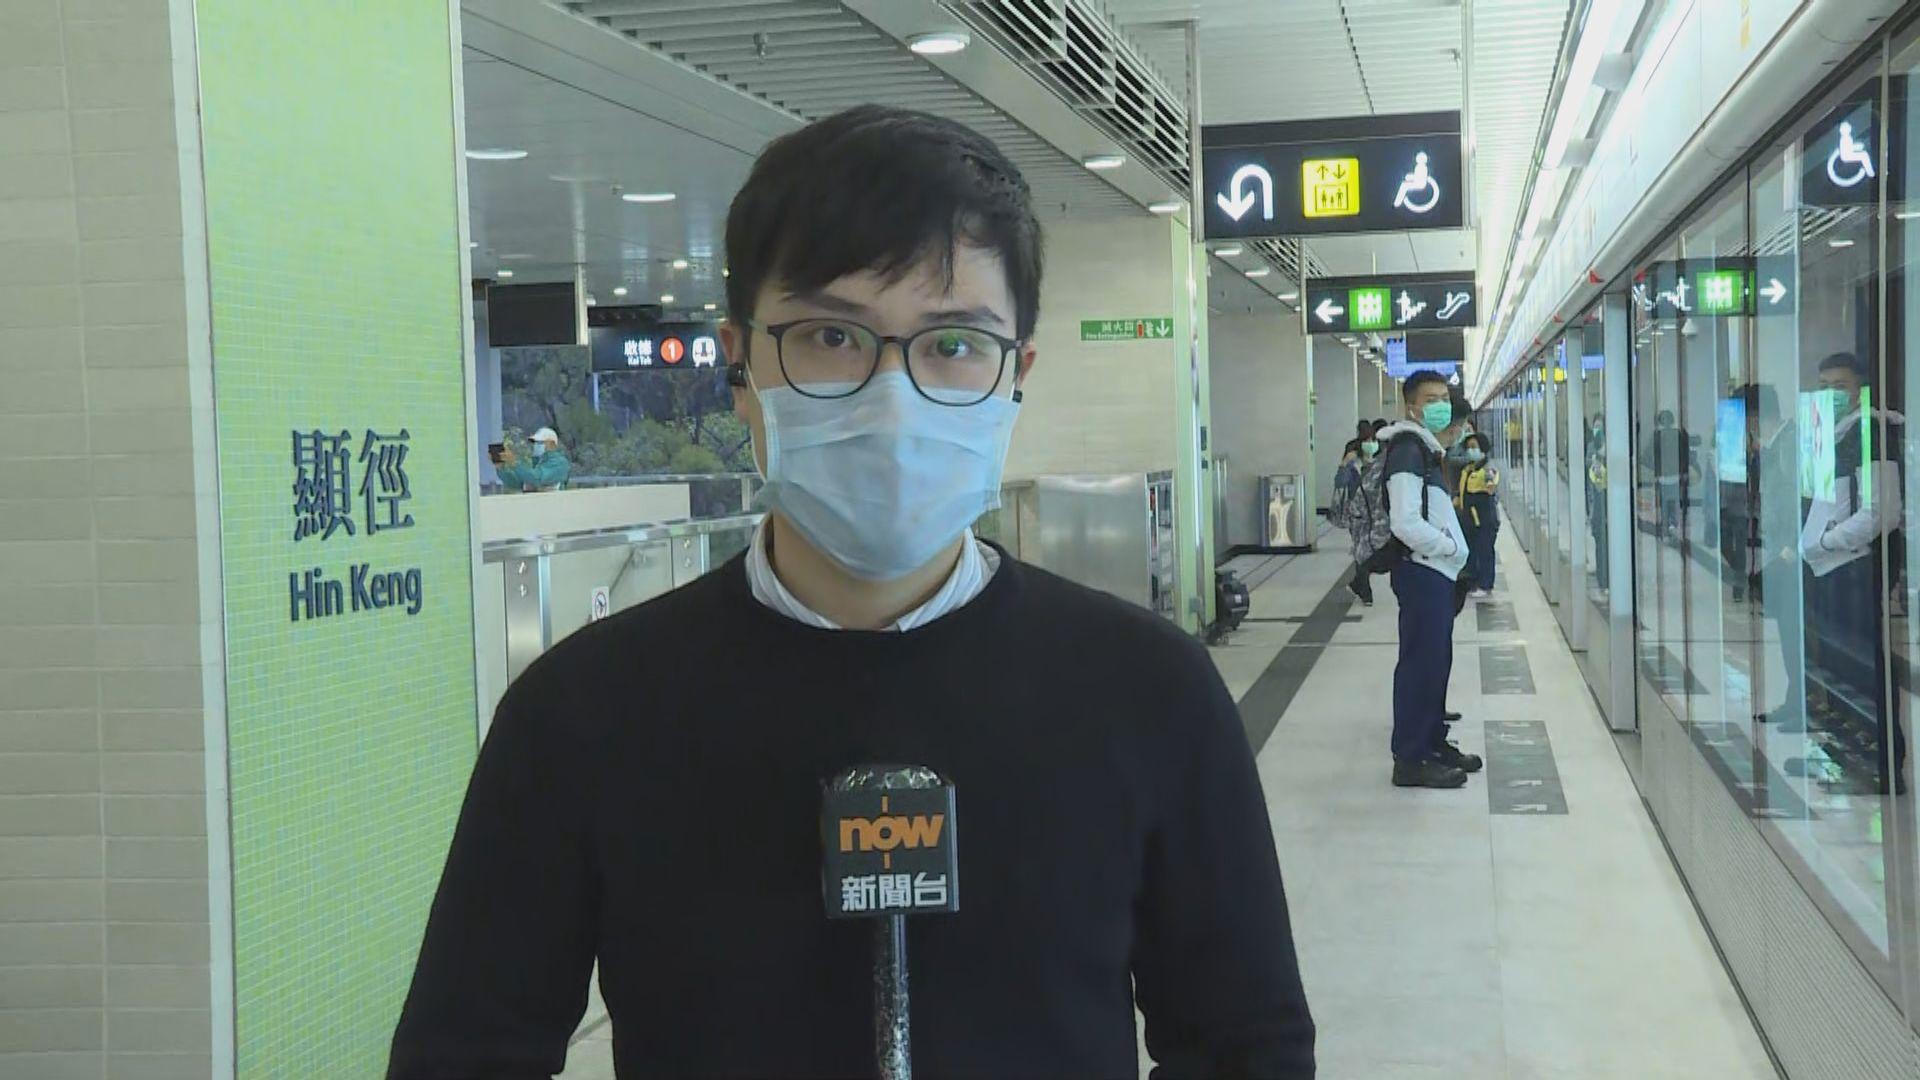 【現場報道】屯馬綫一期通車 早上人流疏落